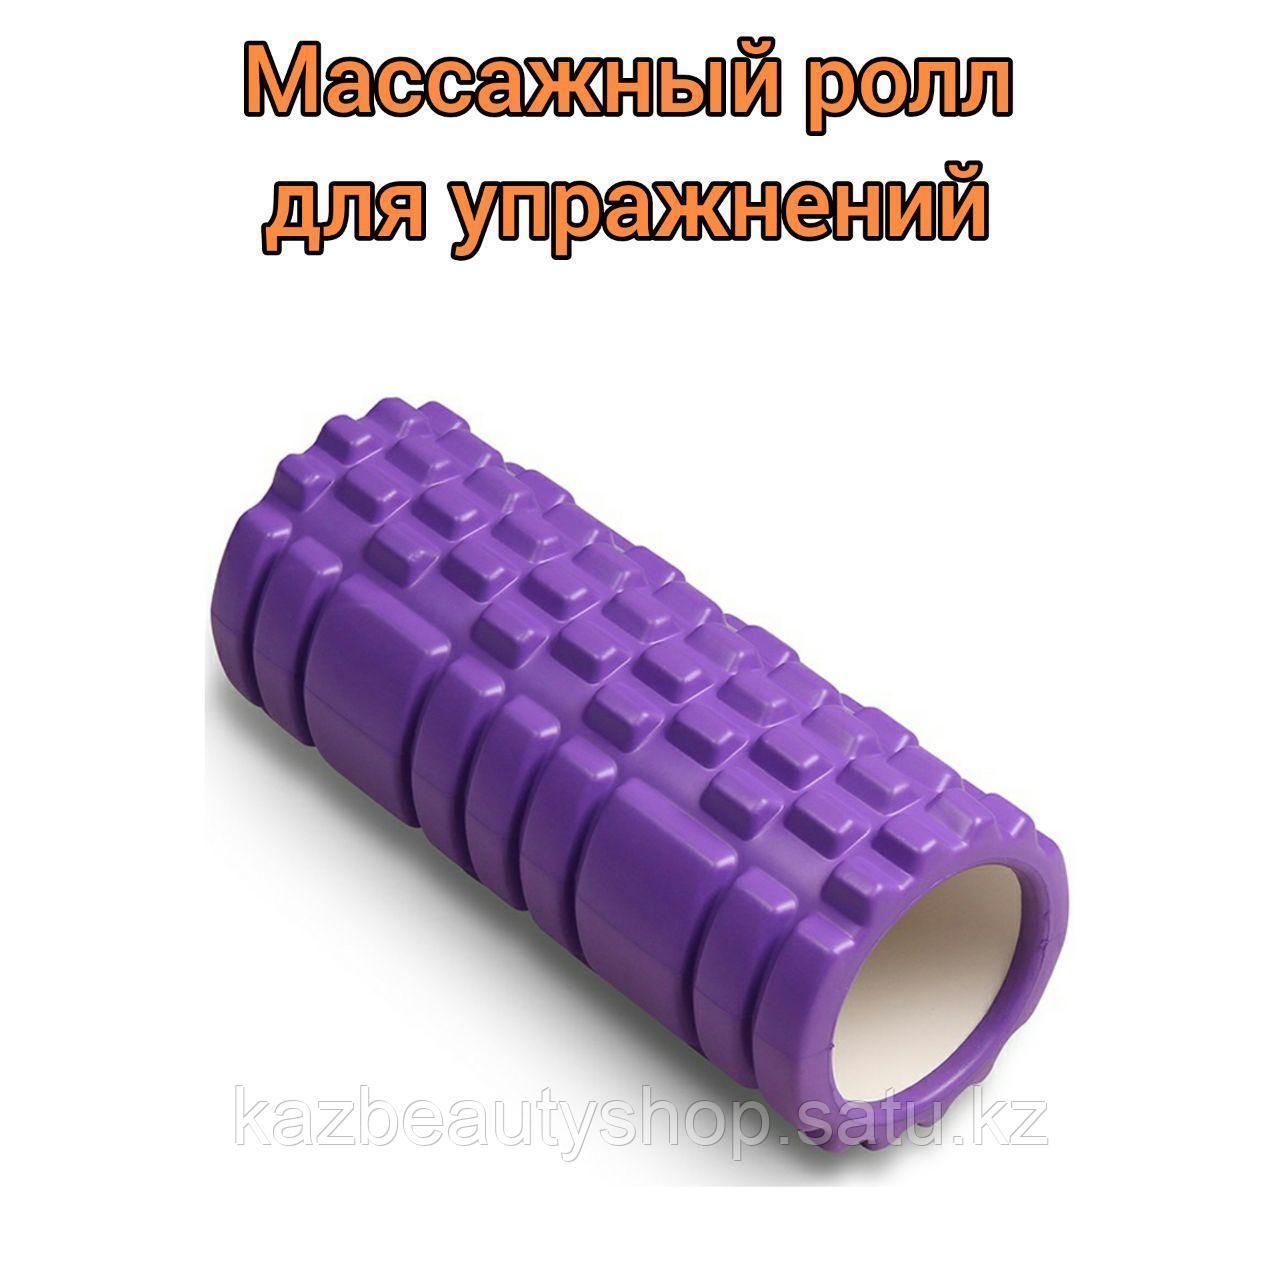 Массажный ролл для фитнеса и йоги (foam roller) - фото 1